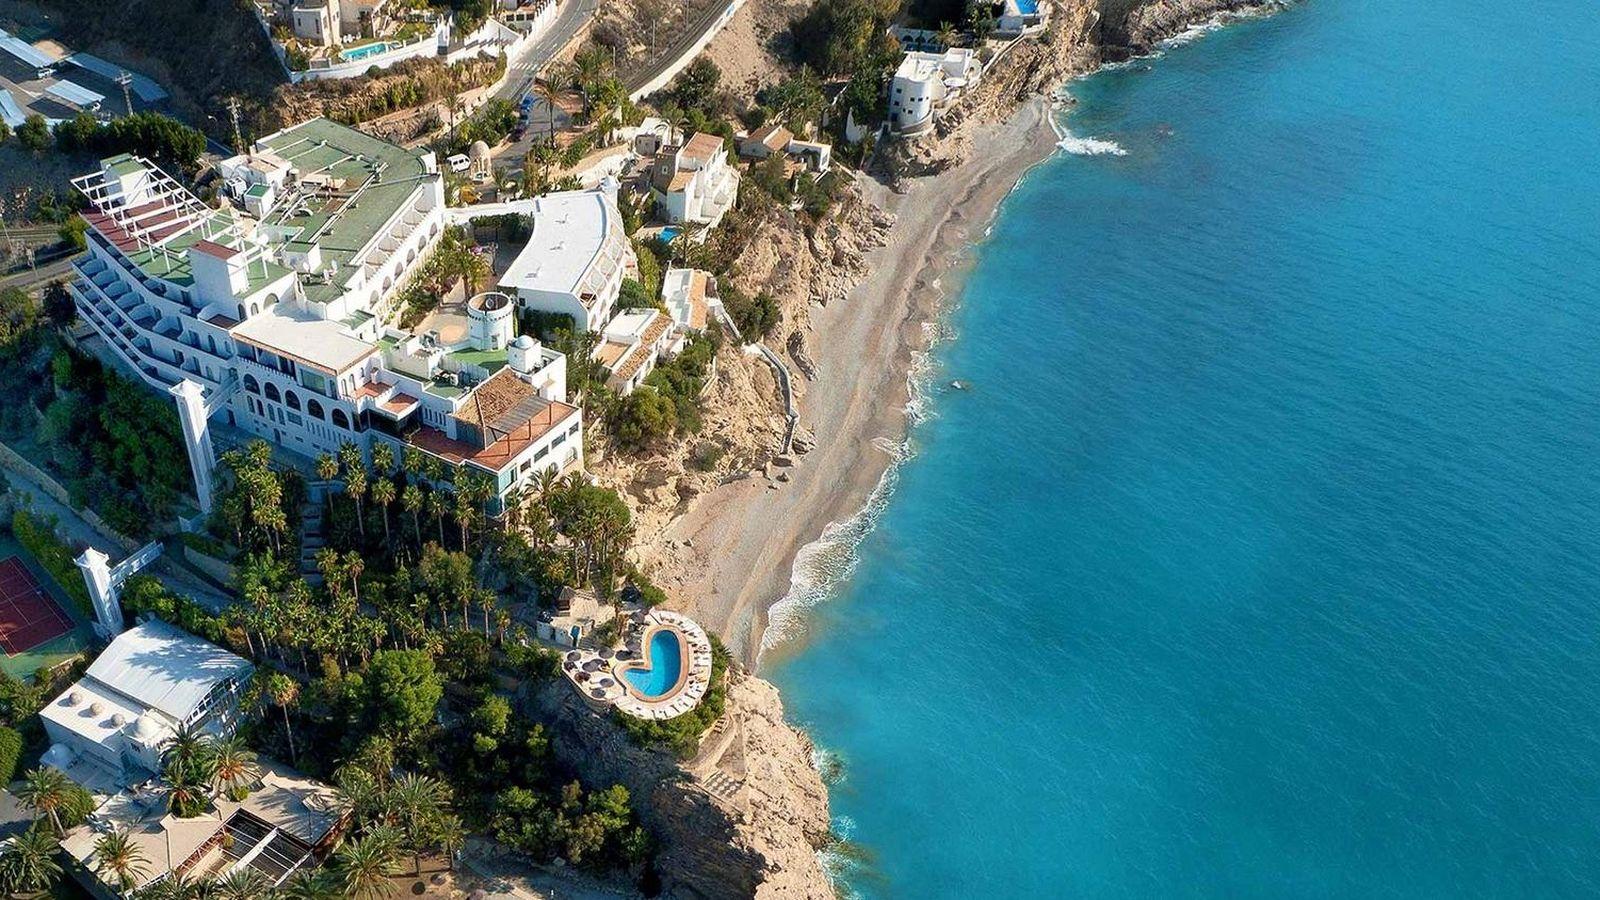 Viajes en espa a los hoteles con vistas al mar m s for Hoteles de superlujo en espana